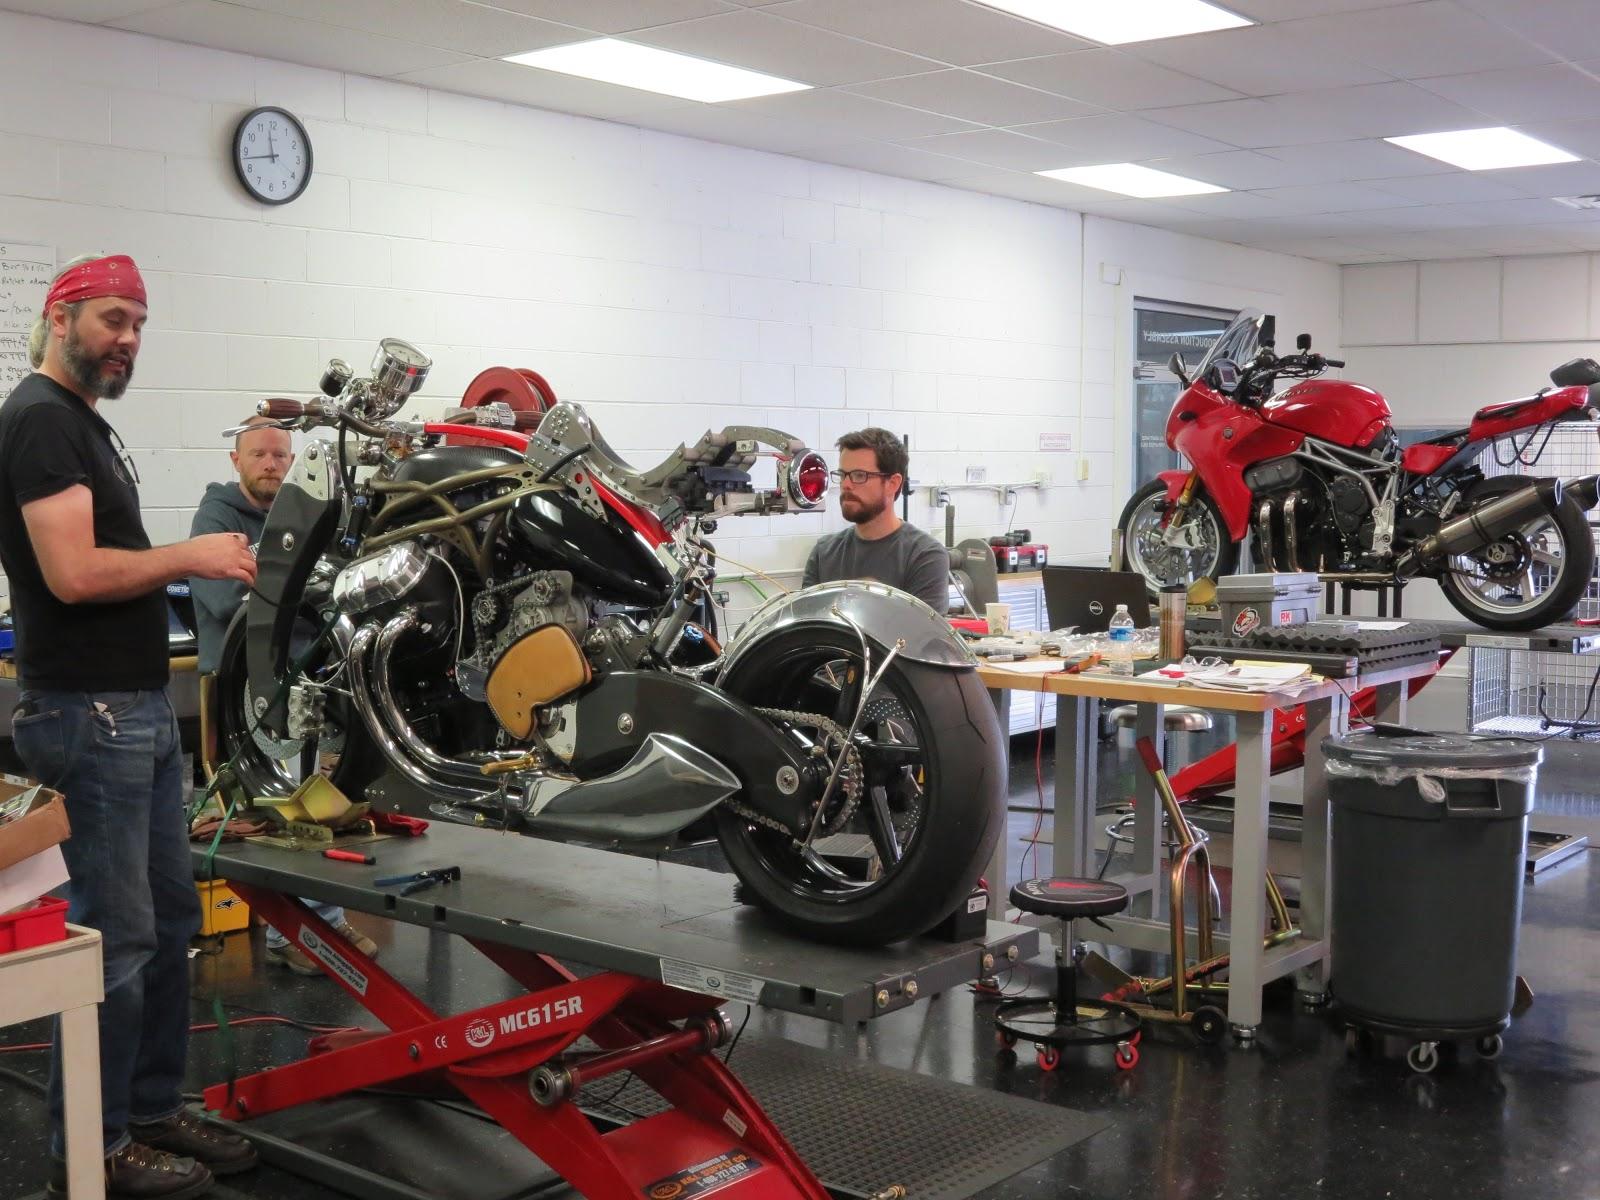 Bienville Legacy Motorcycle Motus Factory